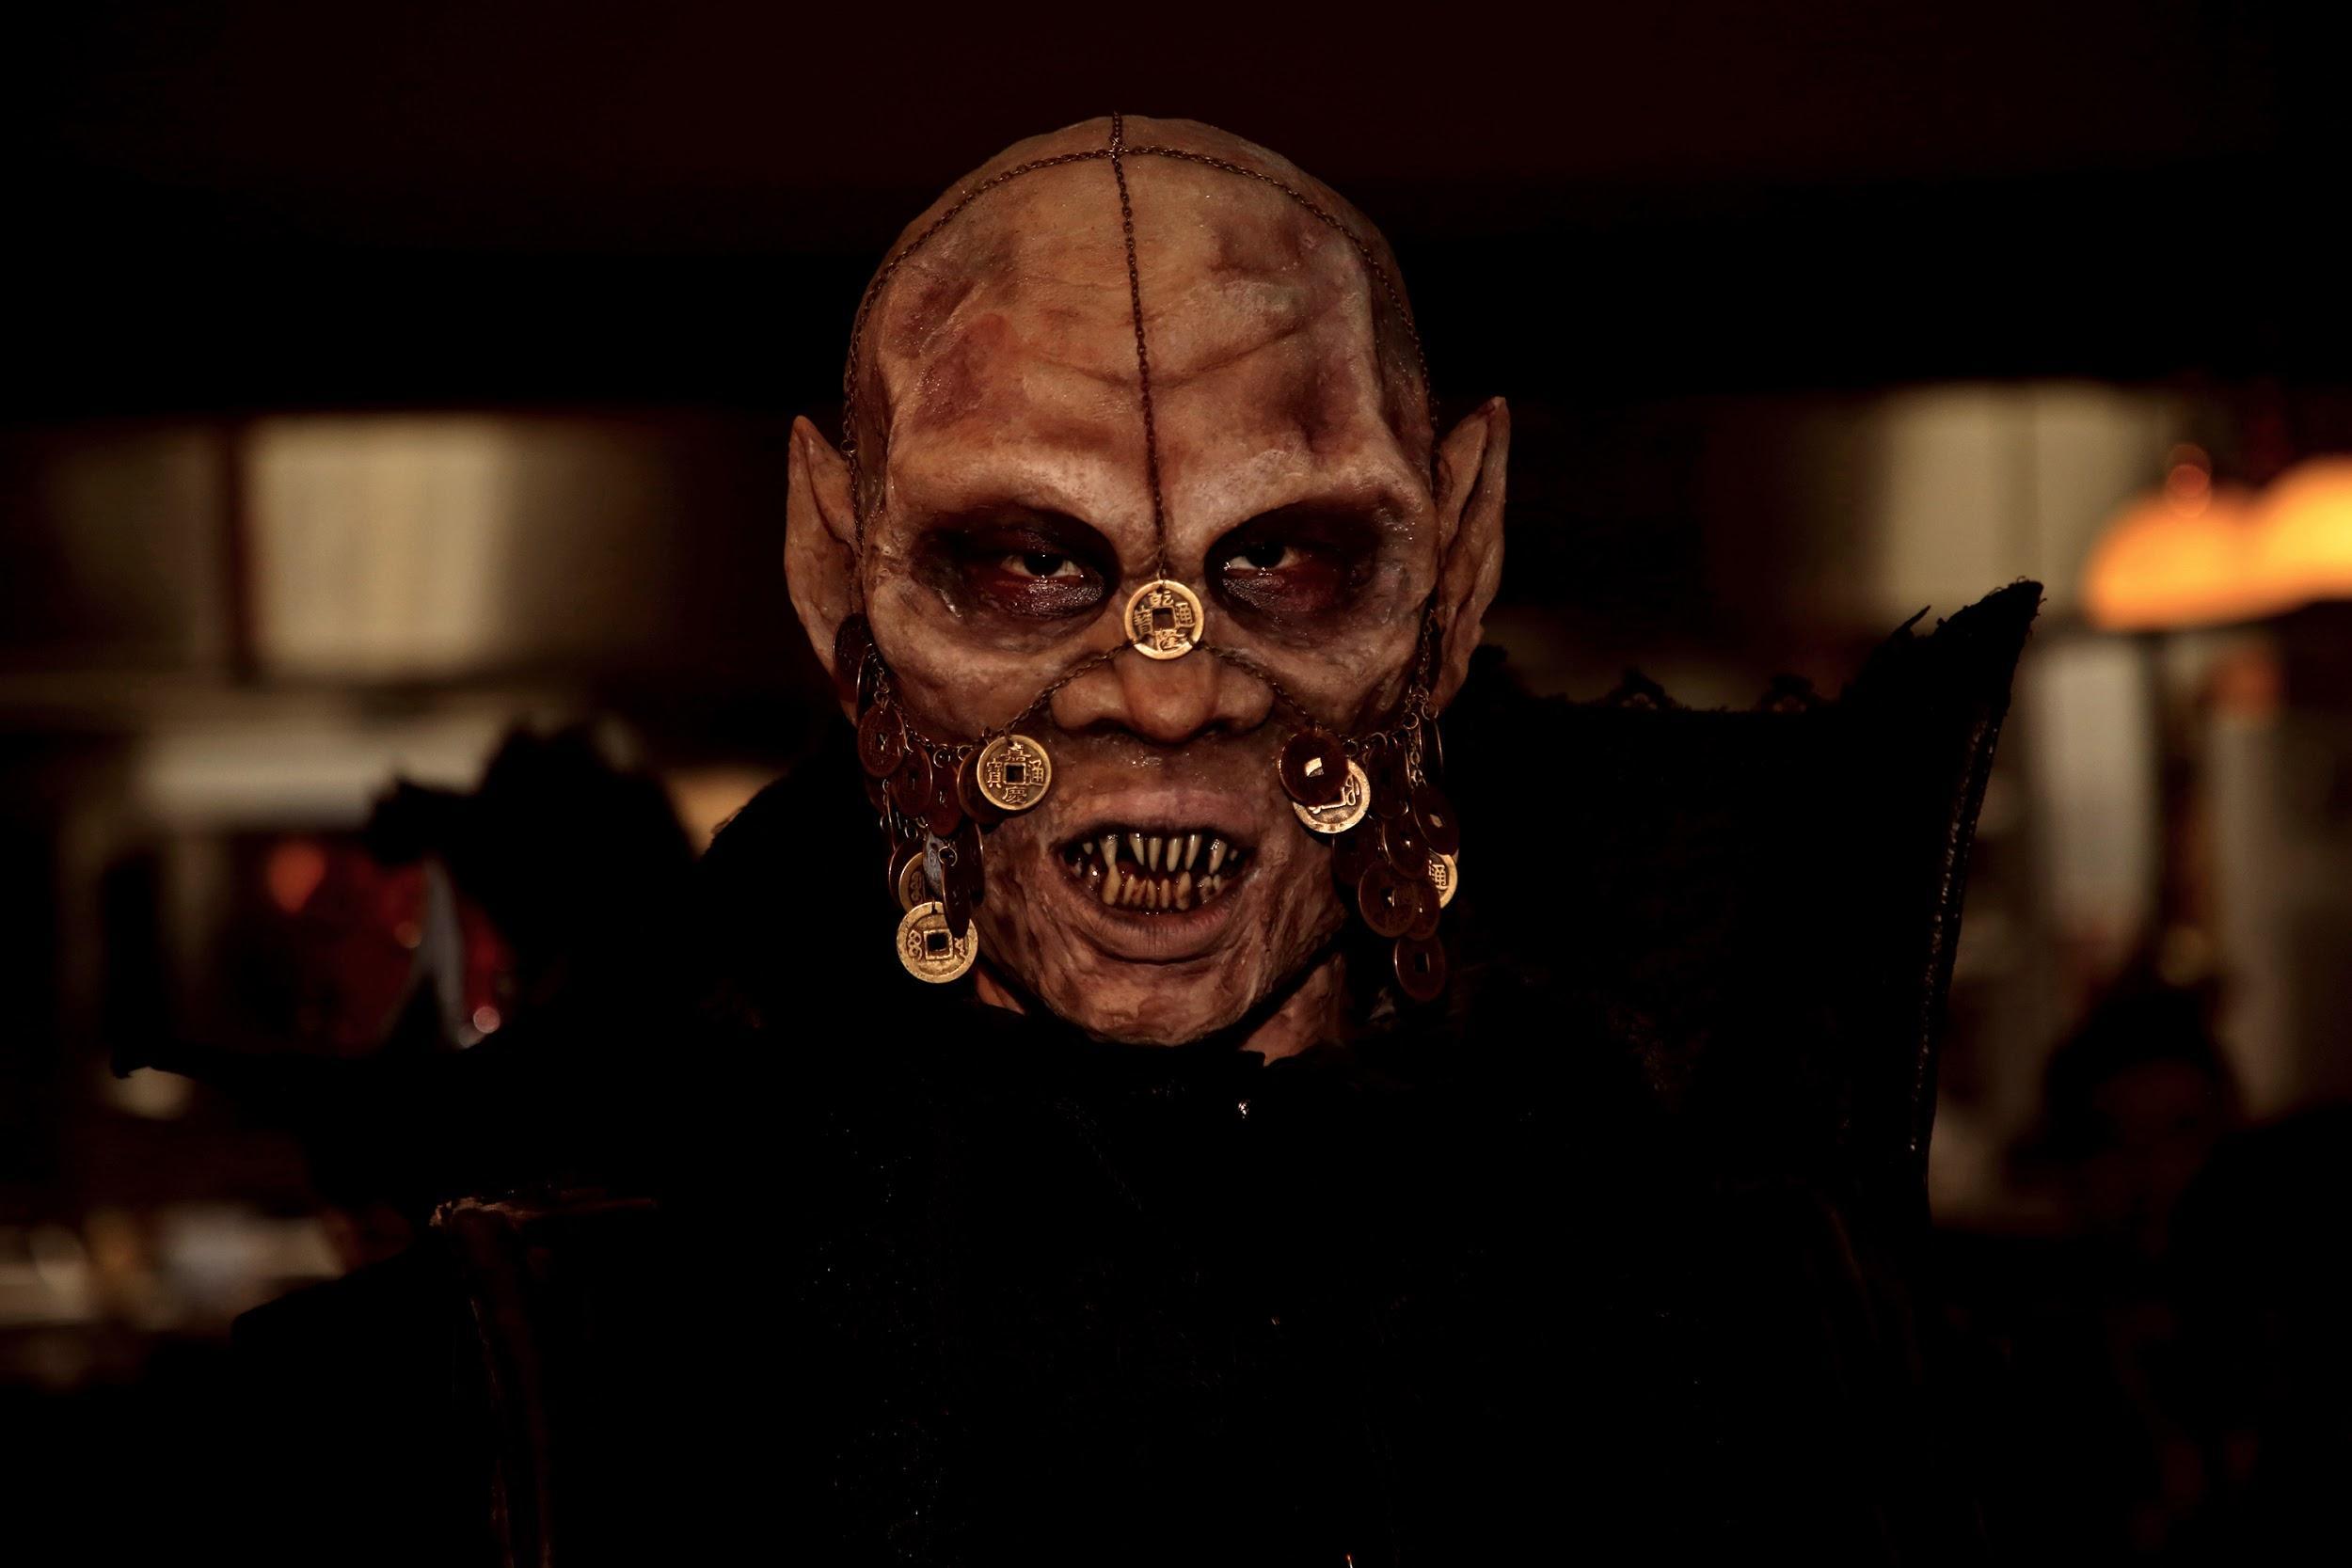 Chán ngấy Halloween tẻ nhạt, rủ ngay hội bạn thân đến chuỗi sự kiện quy tụ 1001 chuyện kinh dị châu Á - Ảnh 4.